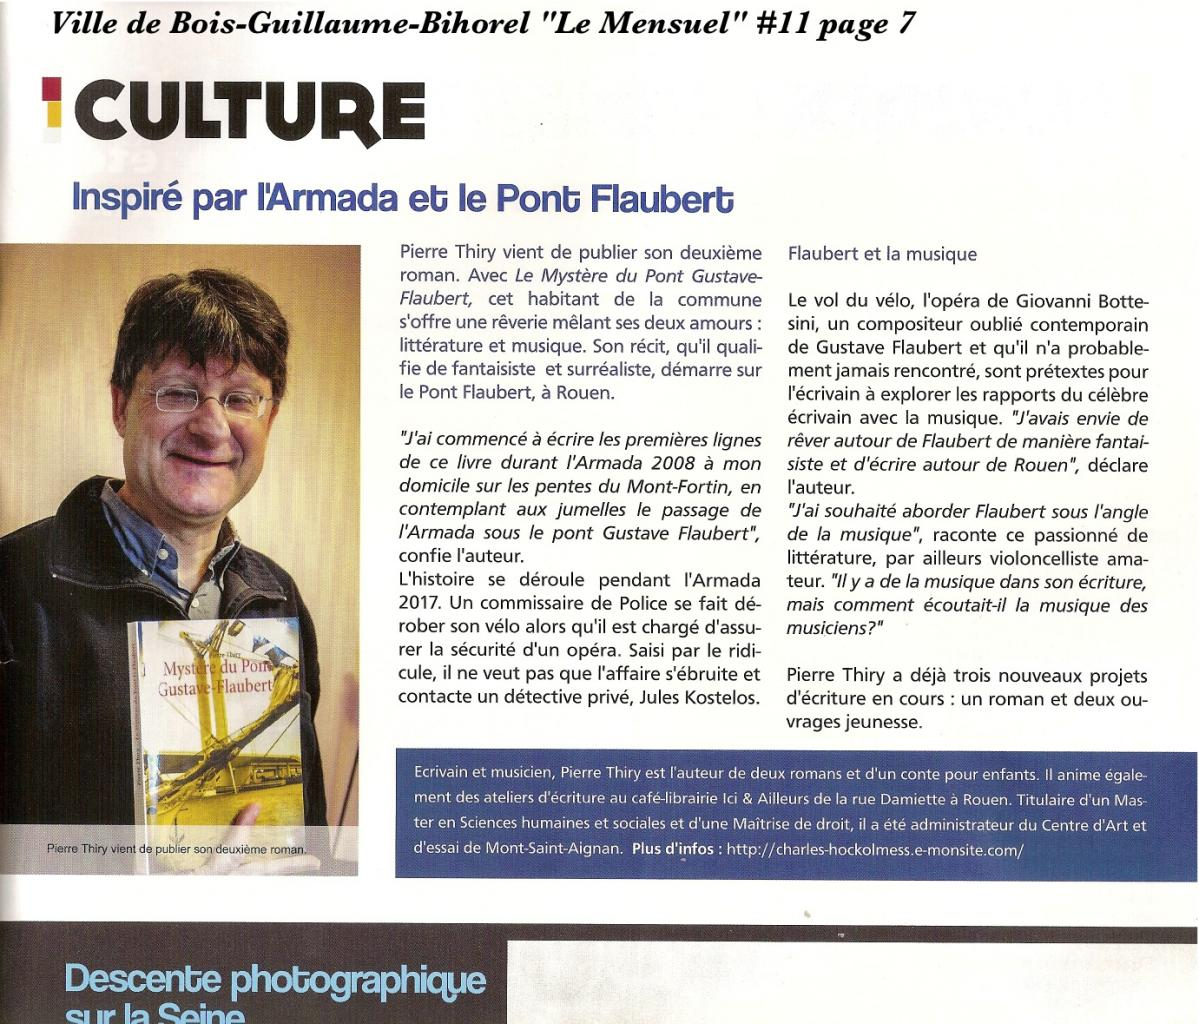 bois-guillaume-bihorel-magazine-11.jpg